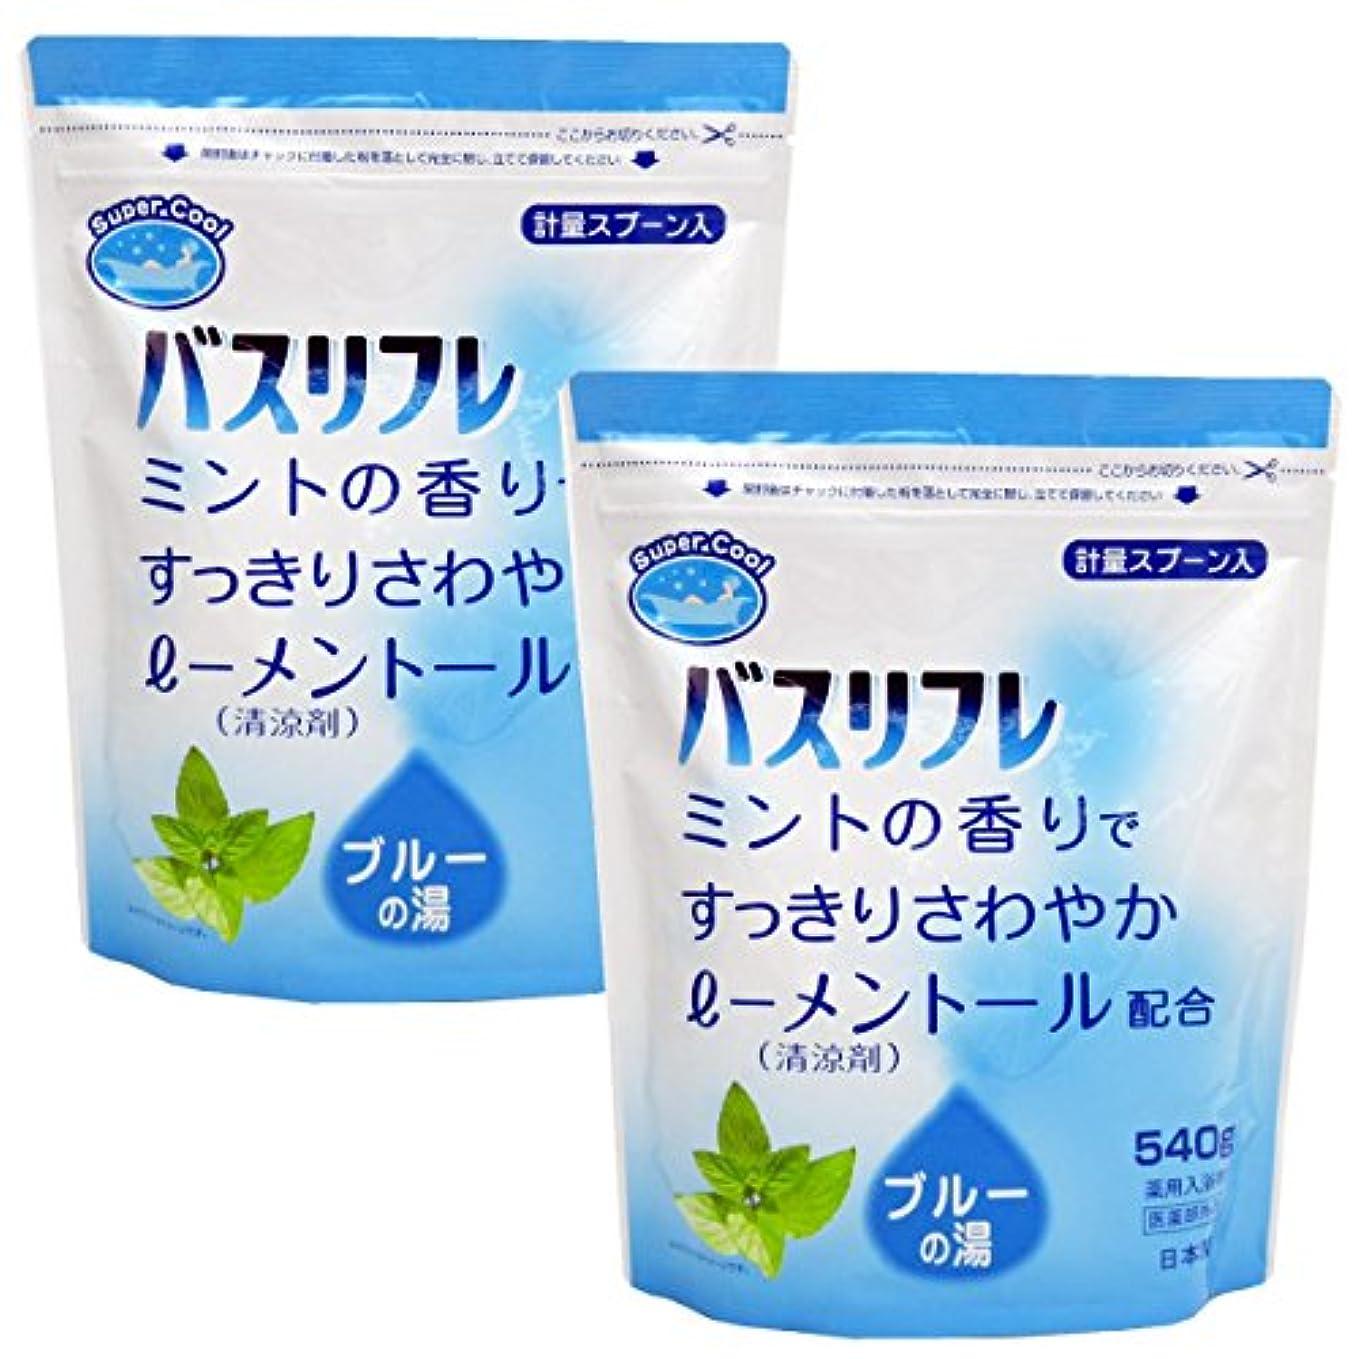 山岳地味な歩き回る入浴剤 クール 薬用入浴剤 バスリフレ スーパークール540g×2個セット 日本製